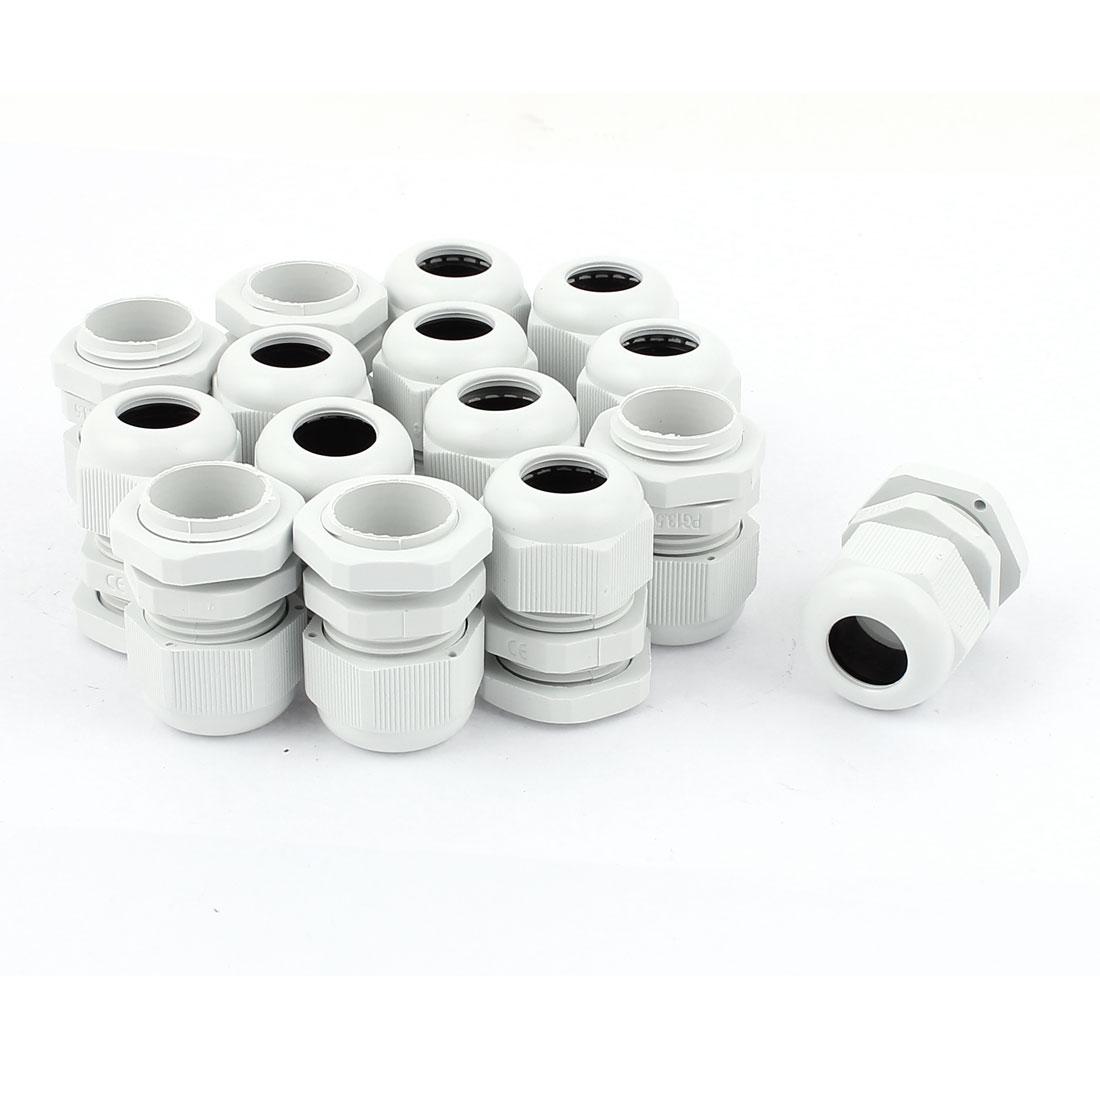 15 Pcs 6-12mm White Plastic Waterproof Cable Glands Connectors PG13.5